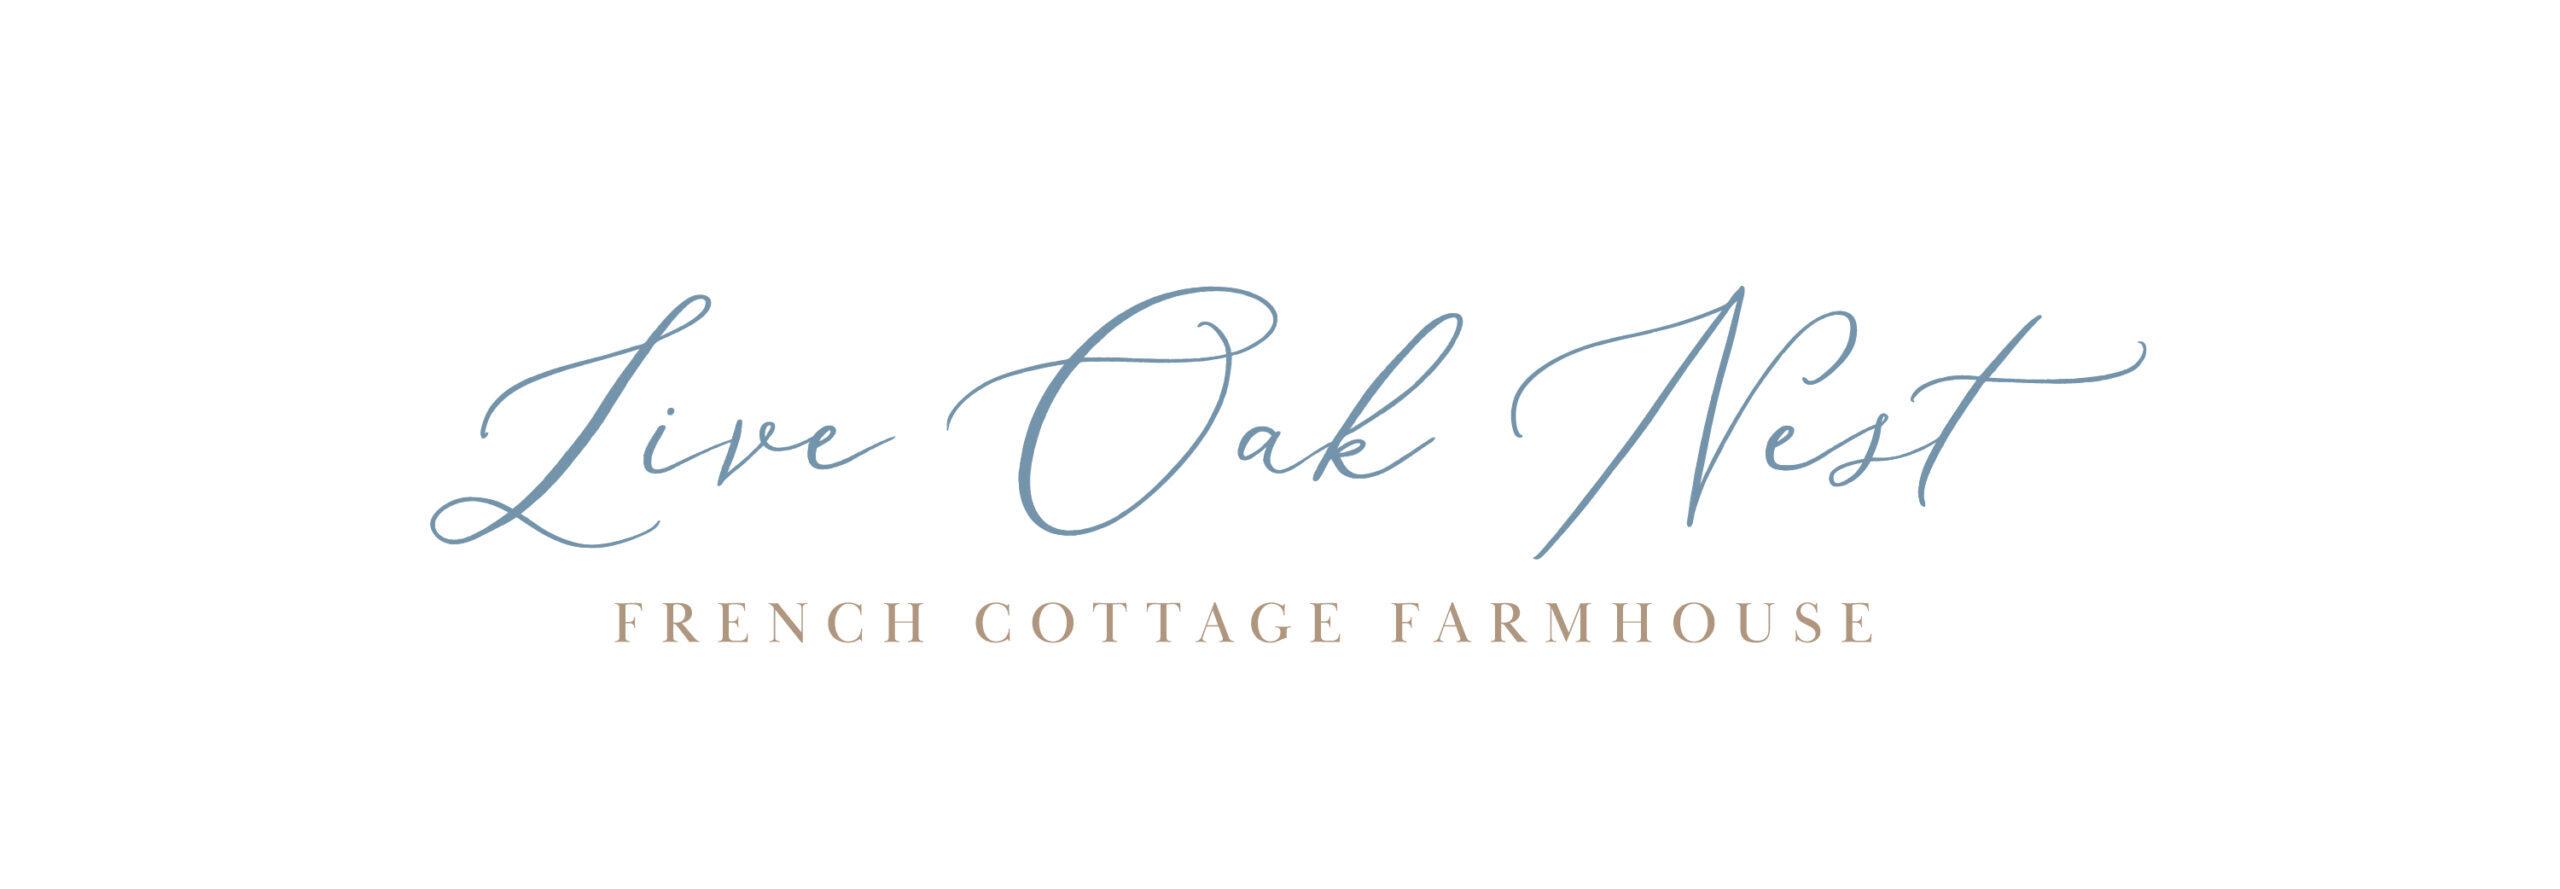 Live Oak Nest, French Cottage Farmhouse